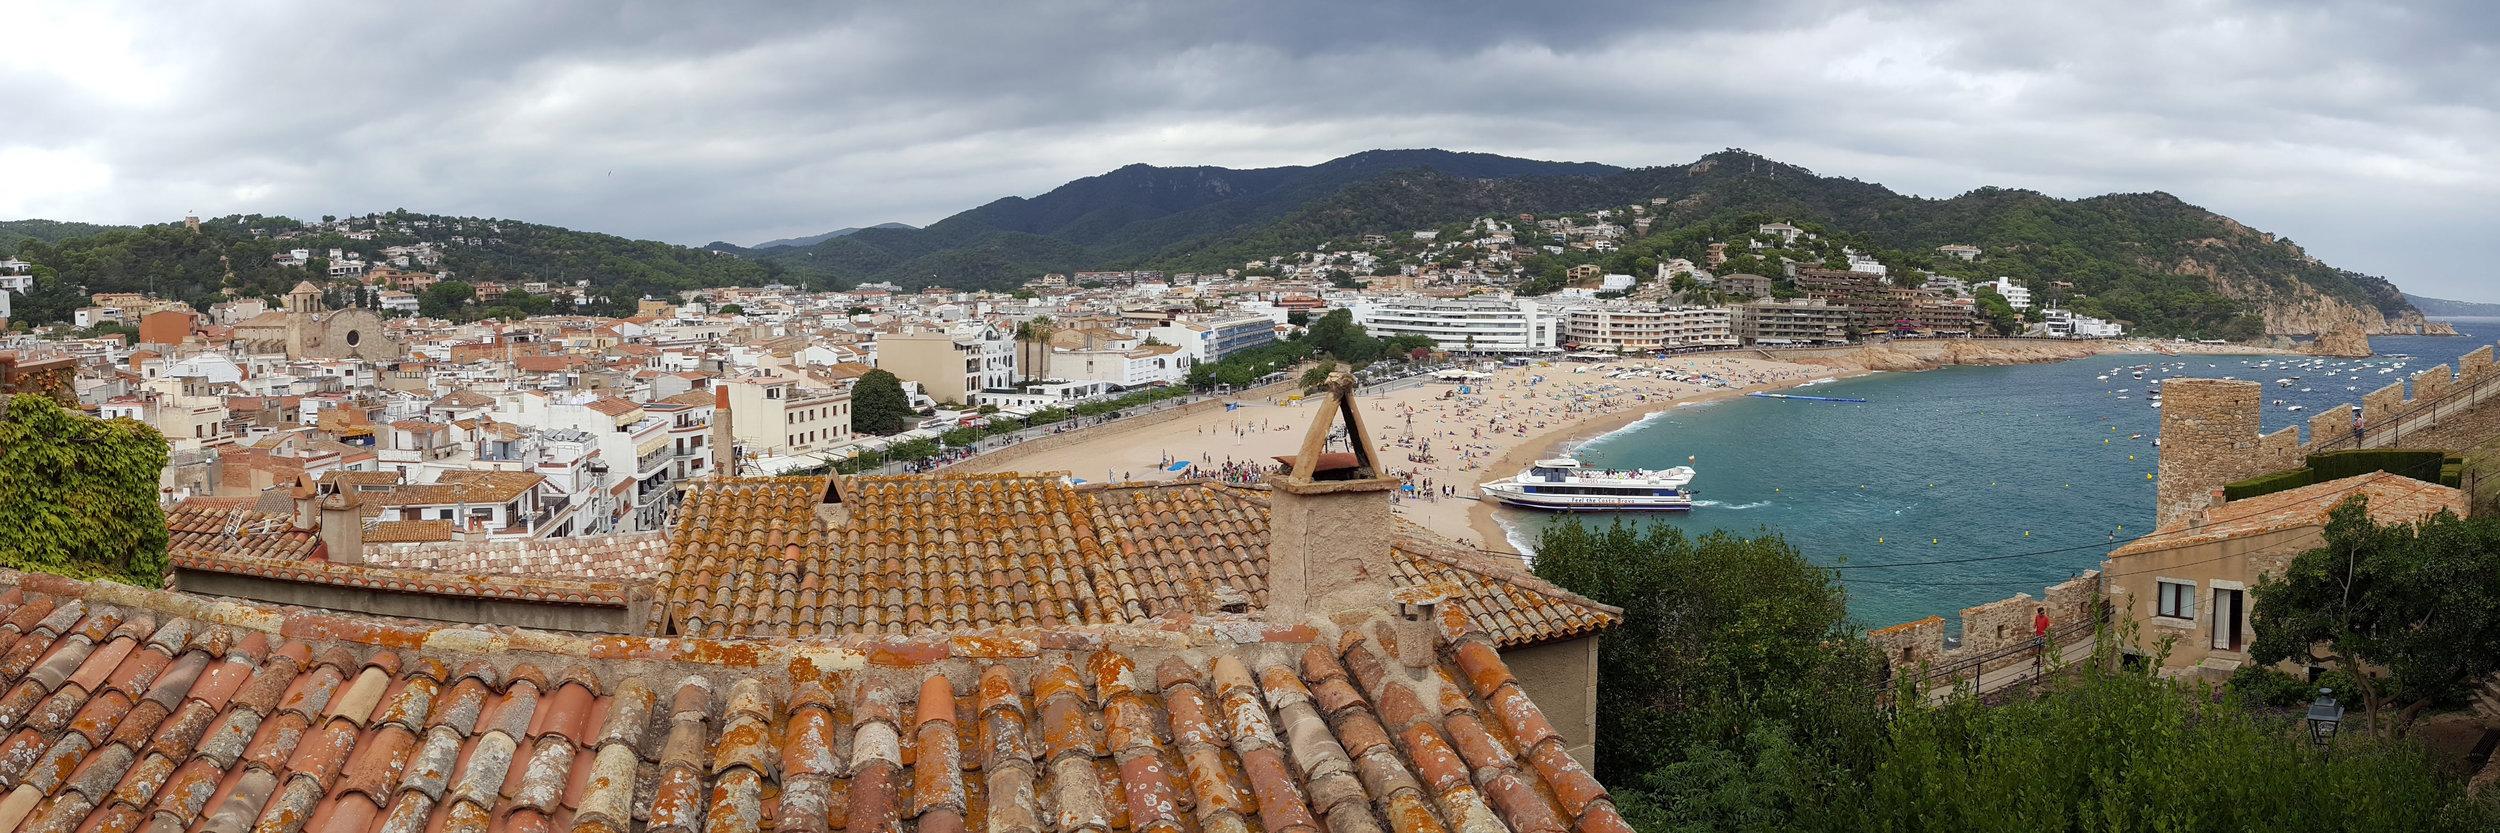 Spain_17.jpg